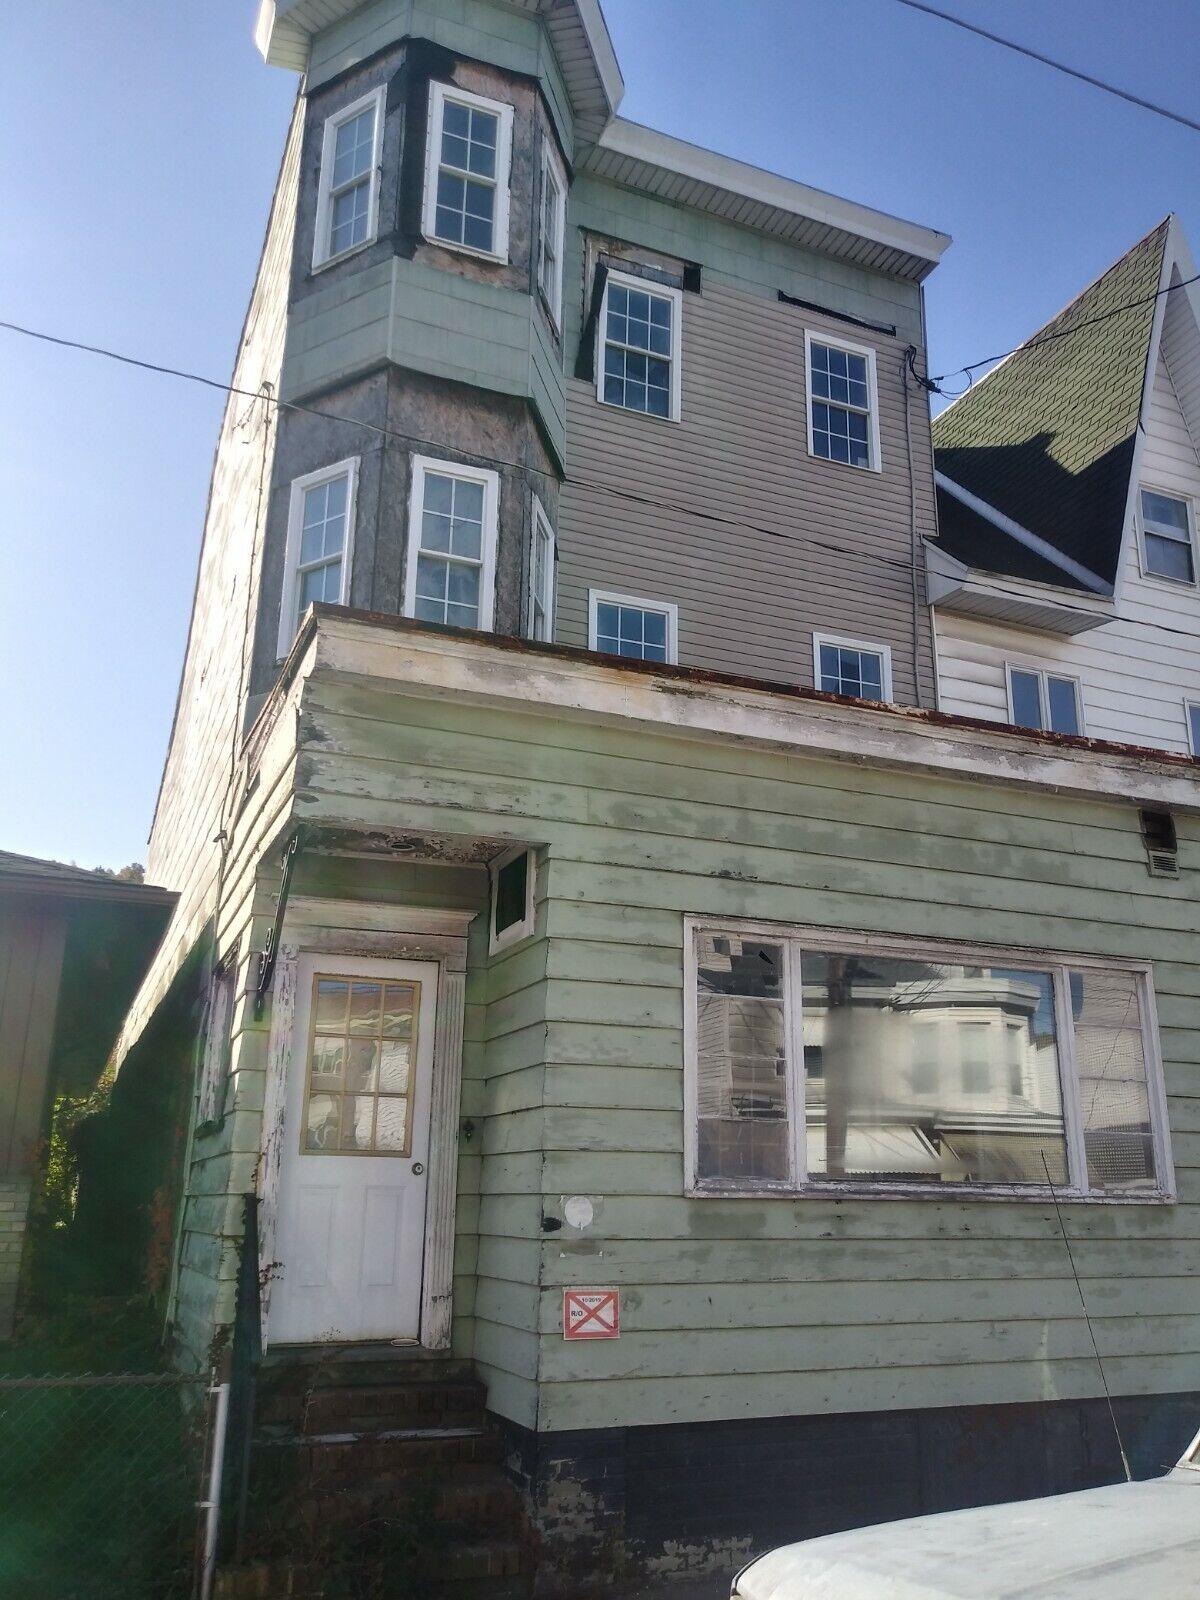 FREE & CLEAR 4 Bed House Near New York New Jersey PA NY NJ MD CT Philly Poconos